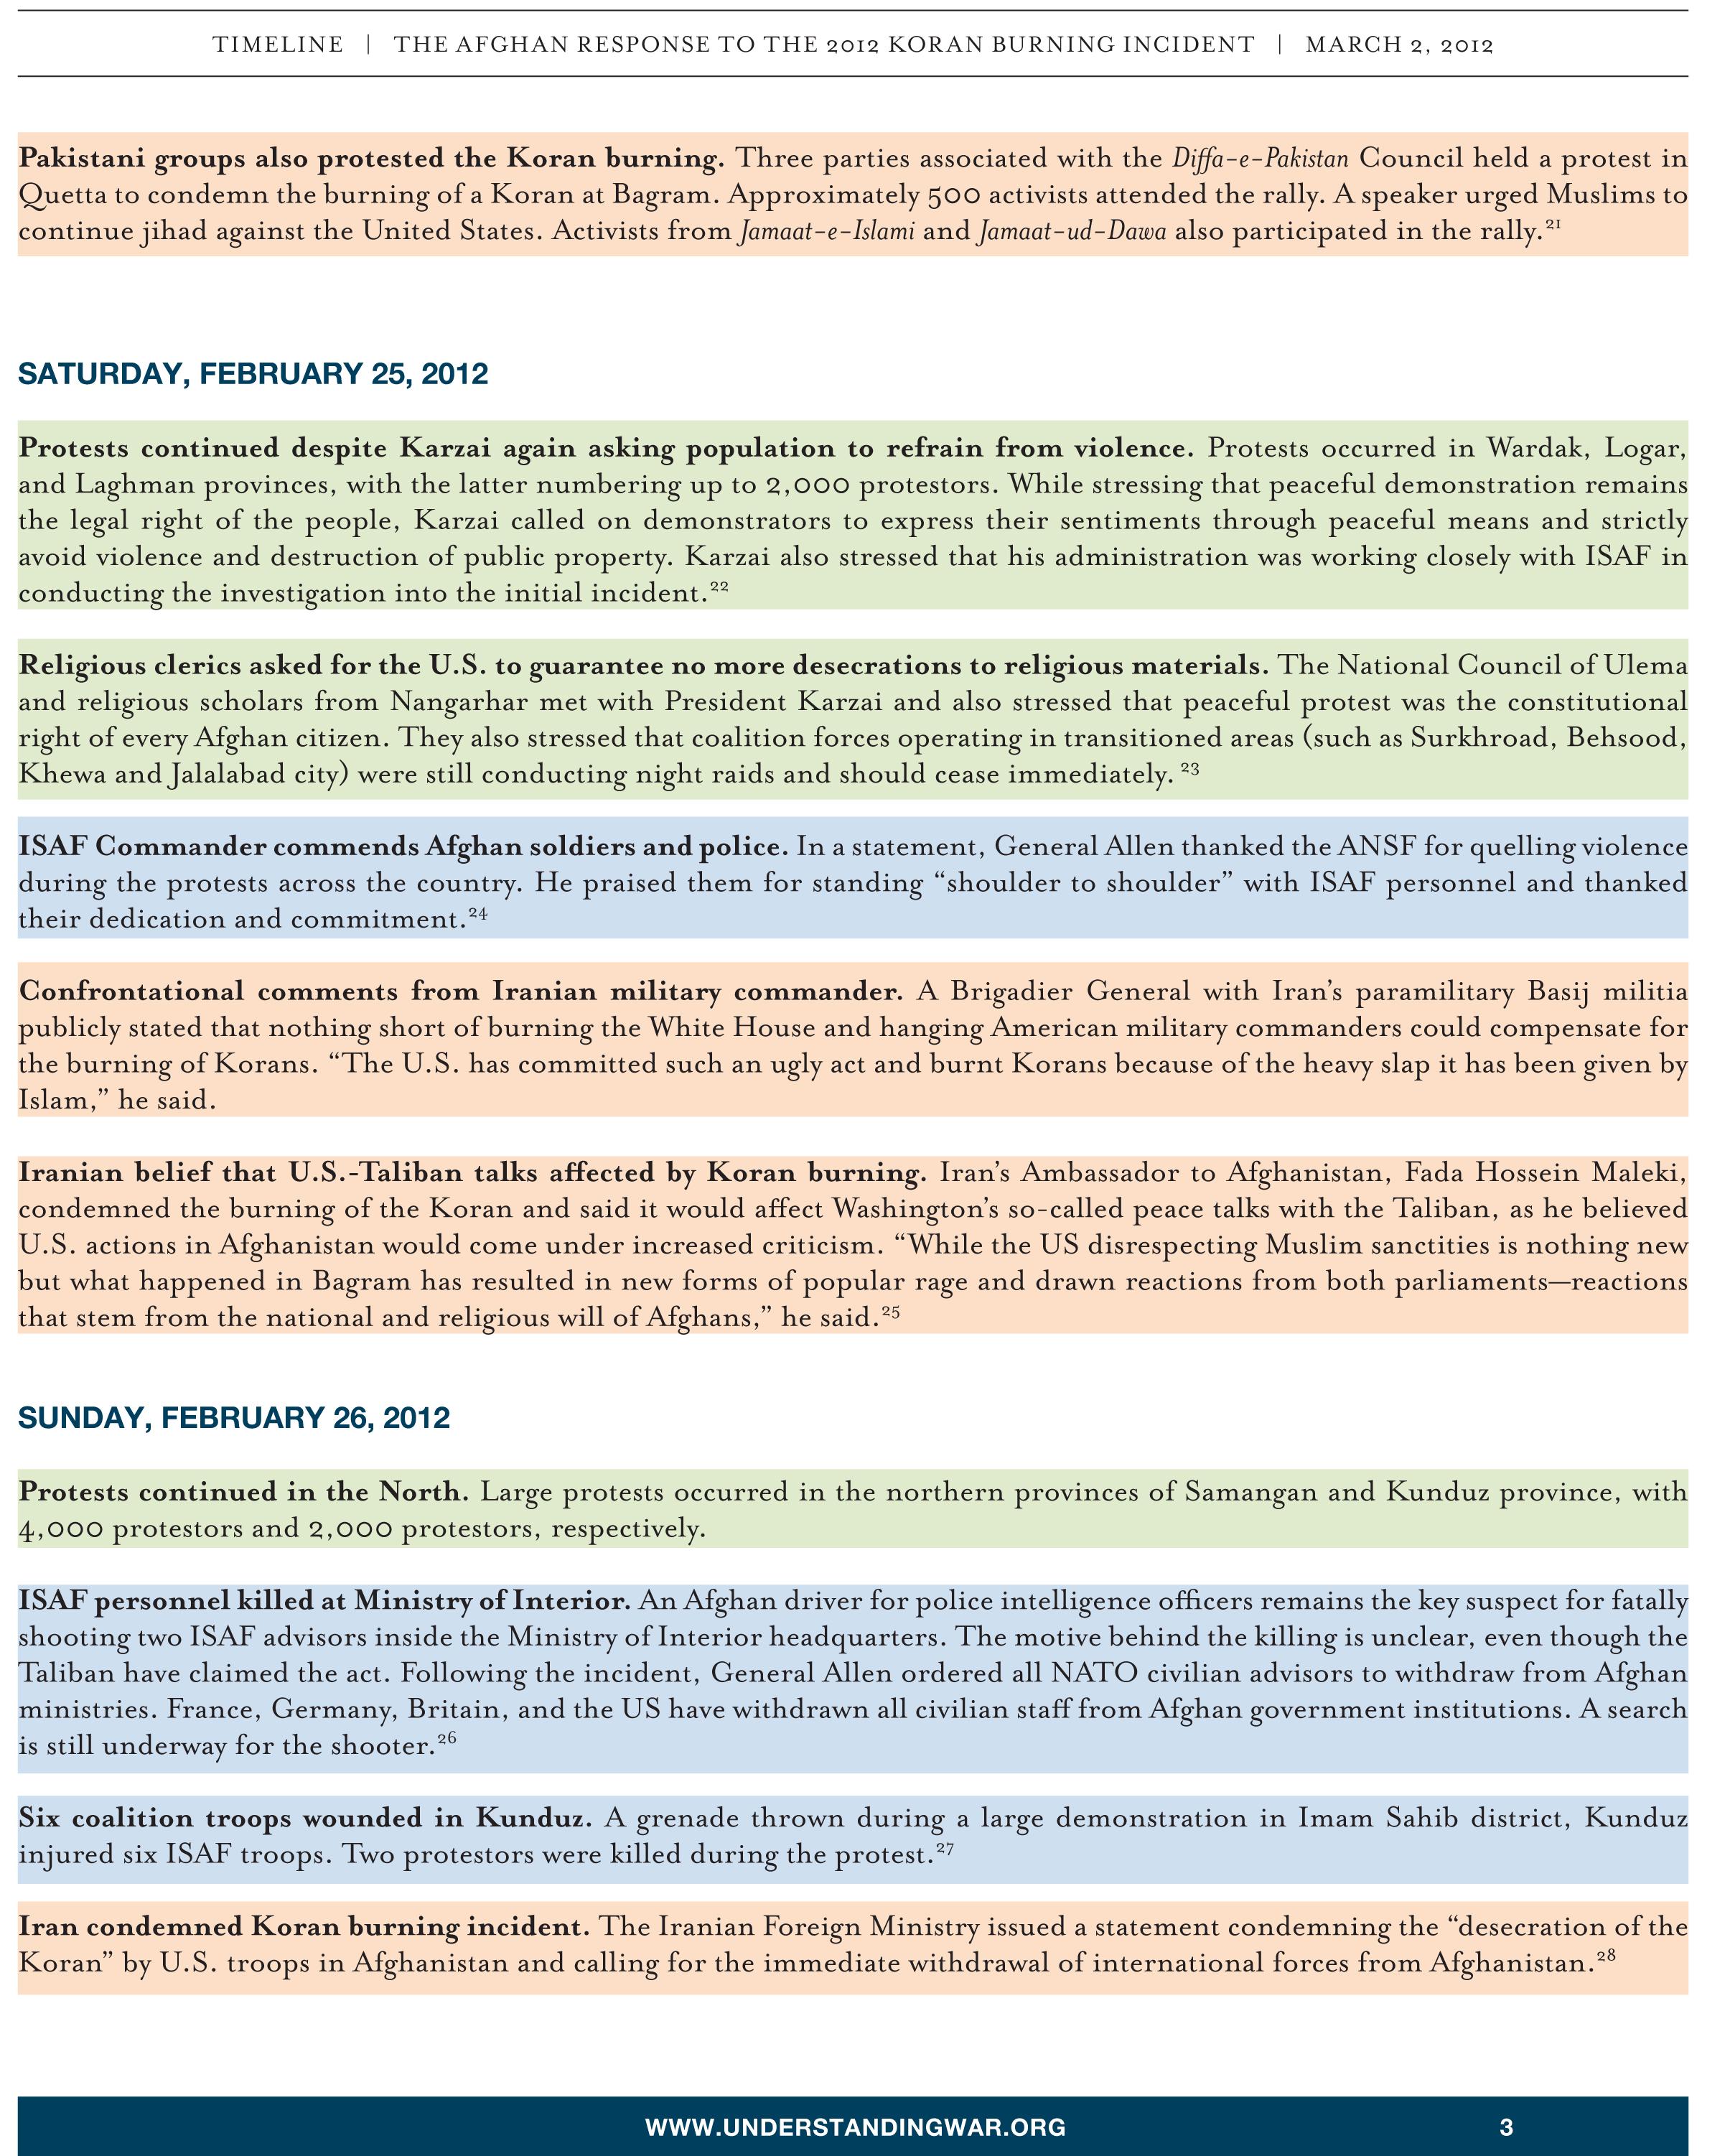 Protest Timeline 3